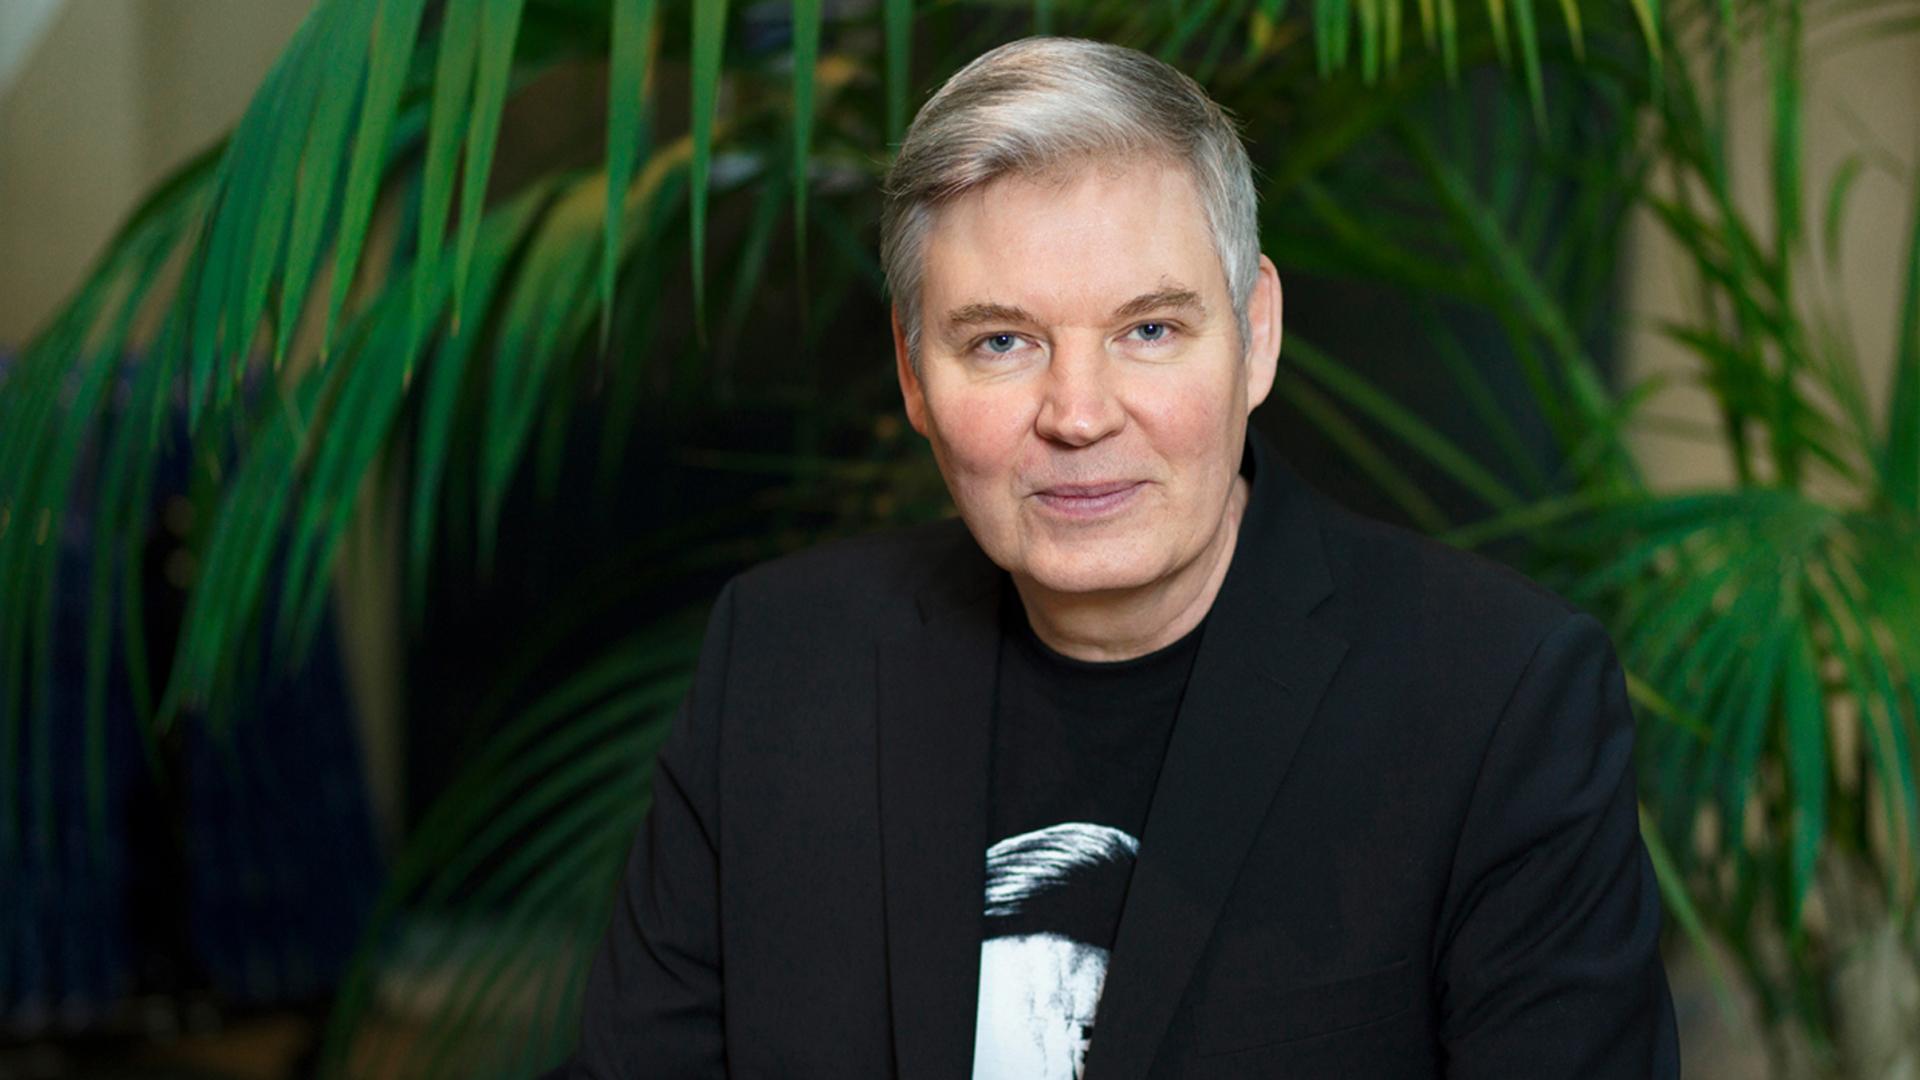 Lauri Väkevän kuva